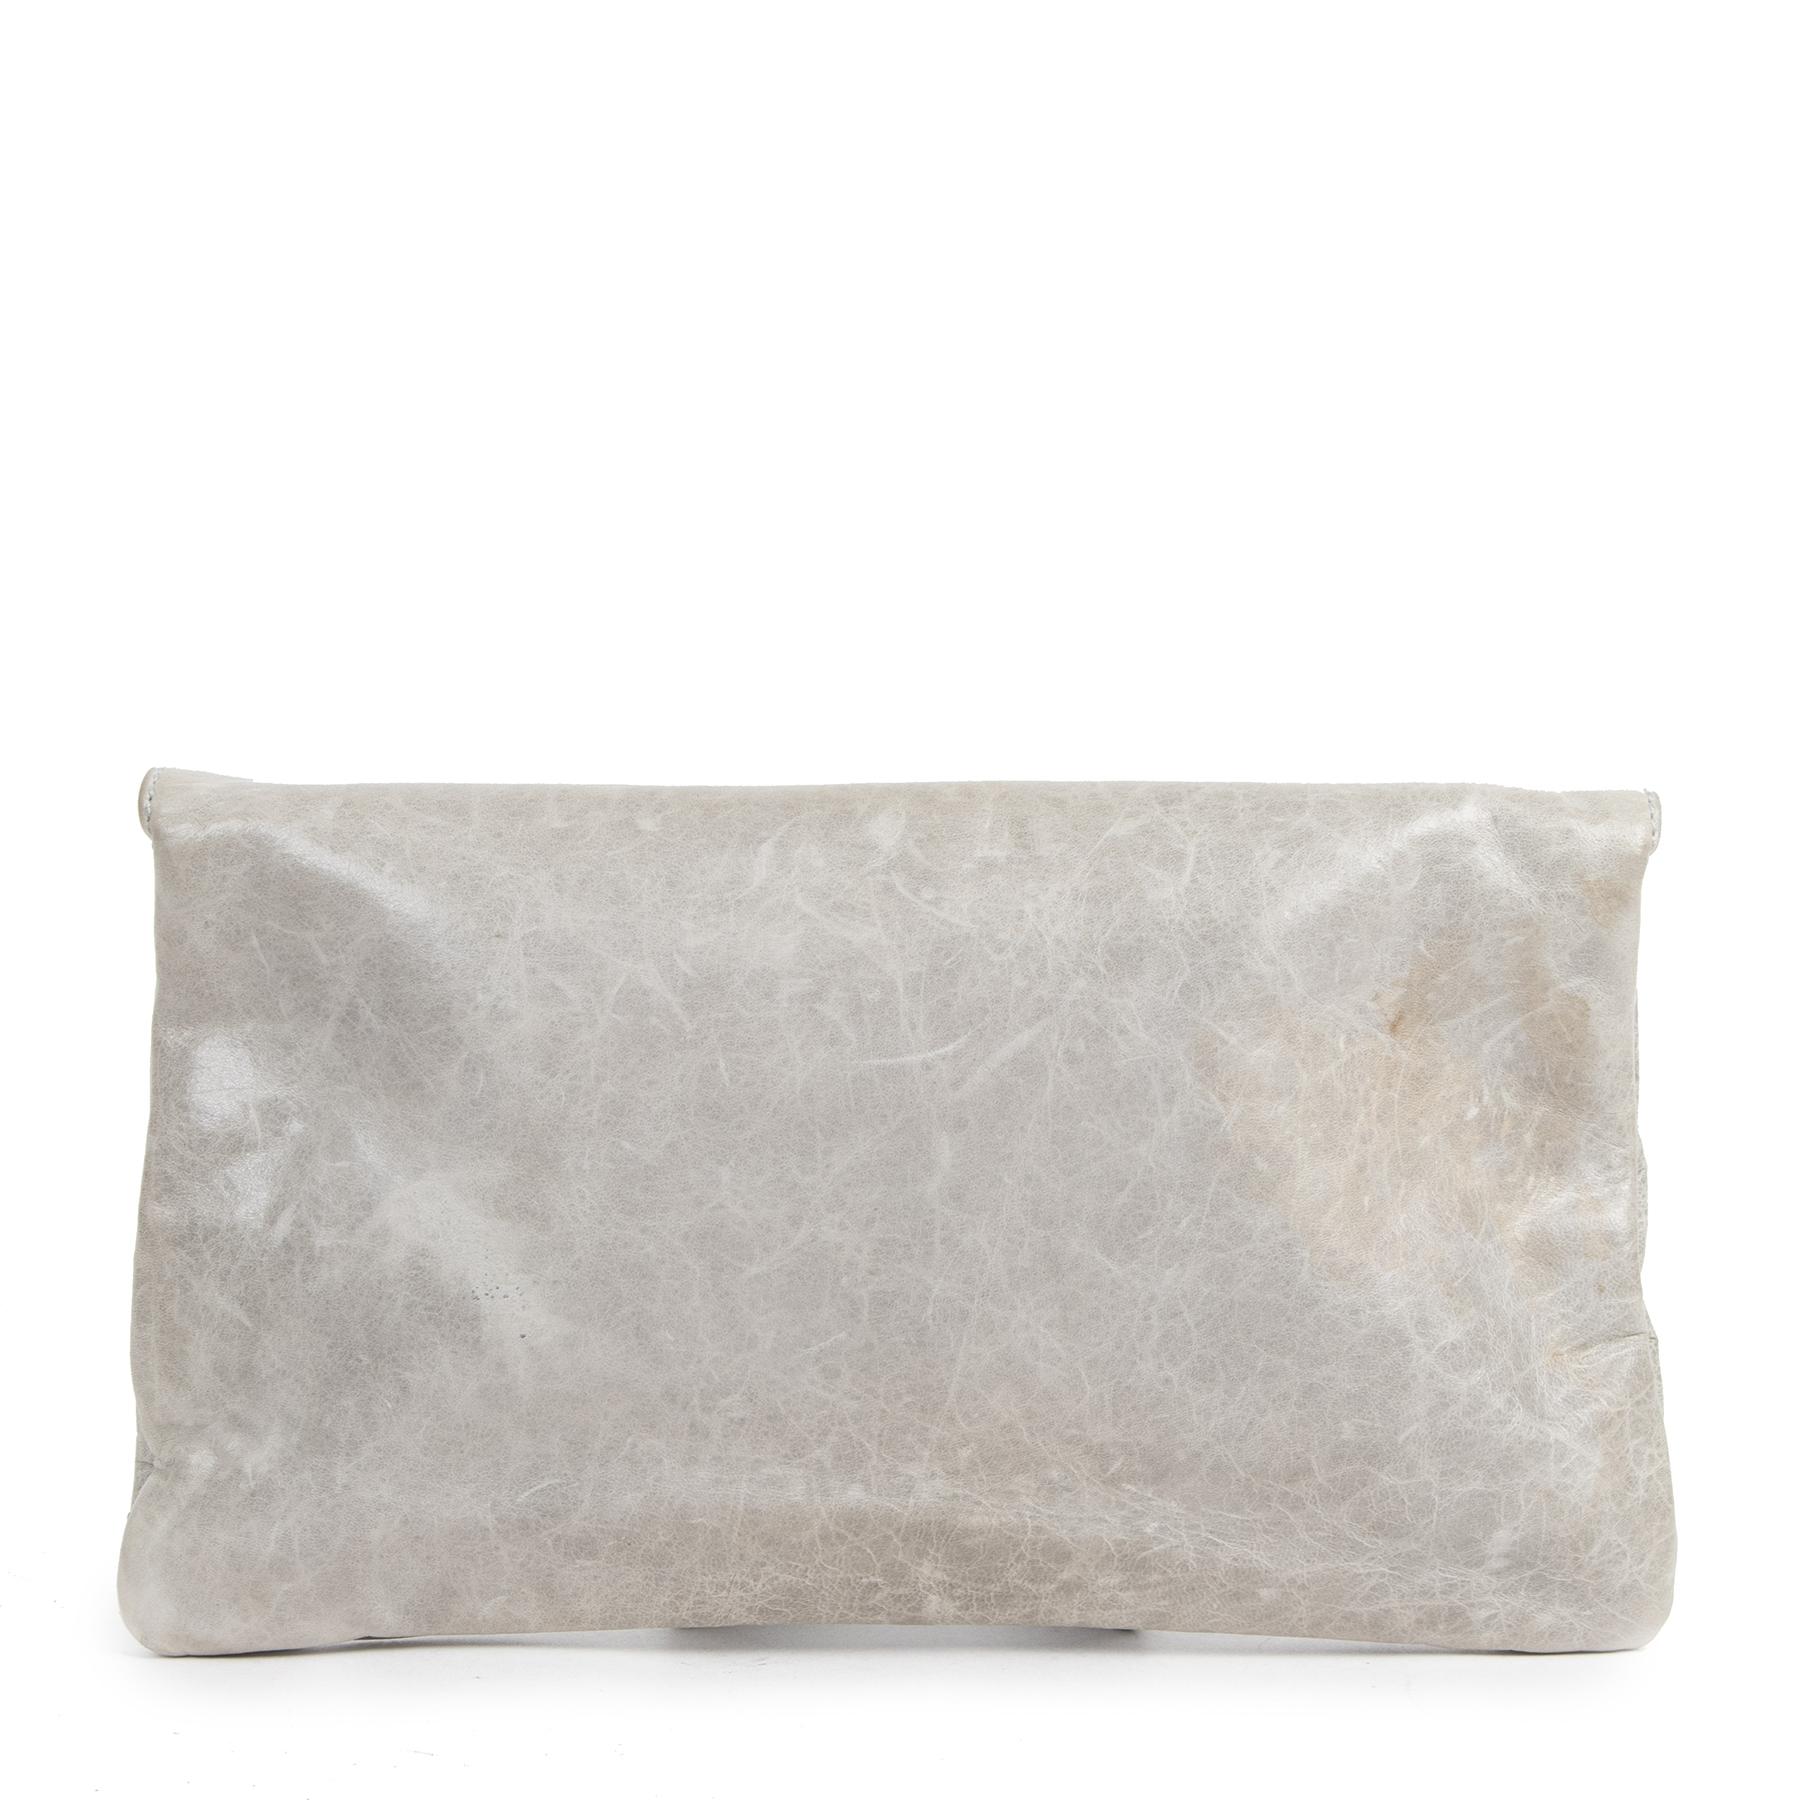 Koop authentieke tweedehands Balenciaga clutches voor de juiste prijs bij LabelLOV